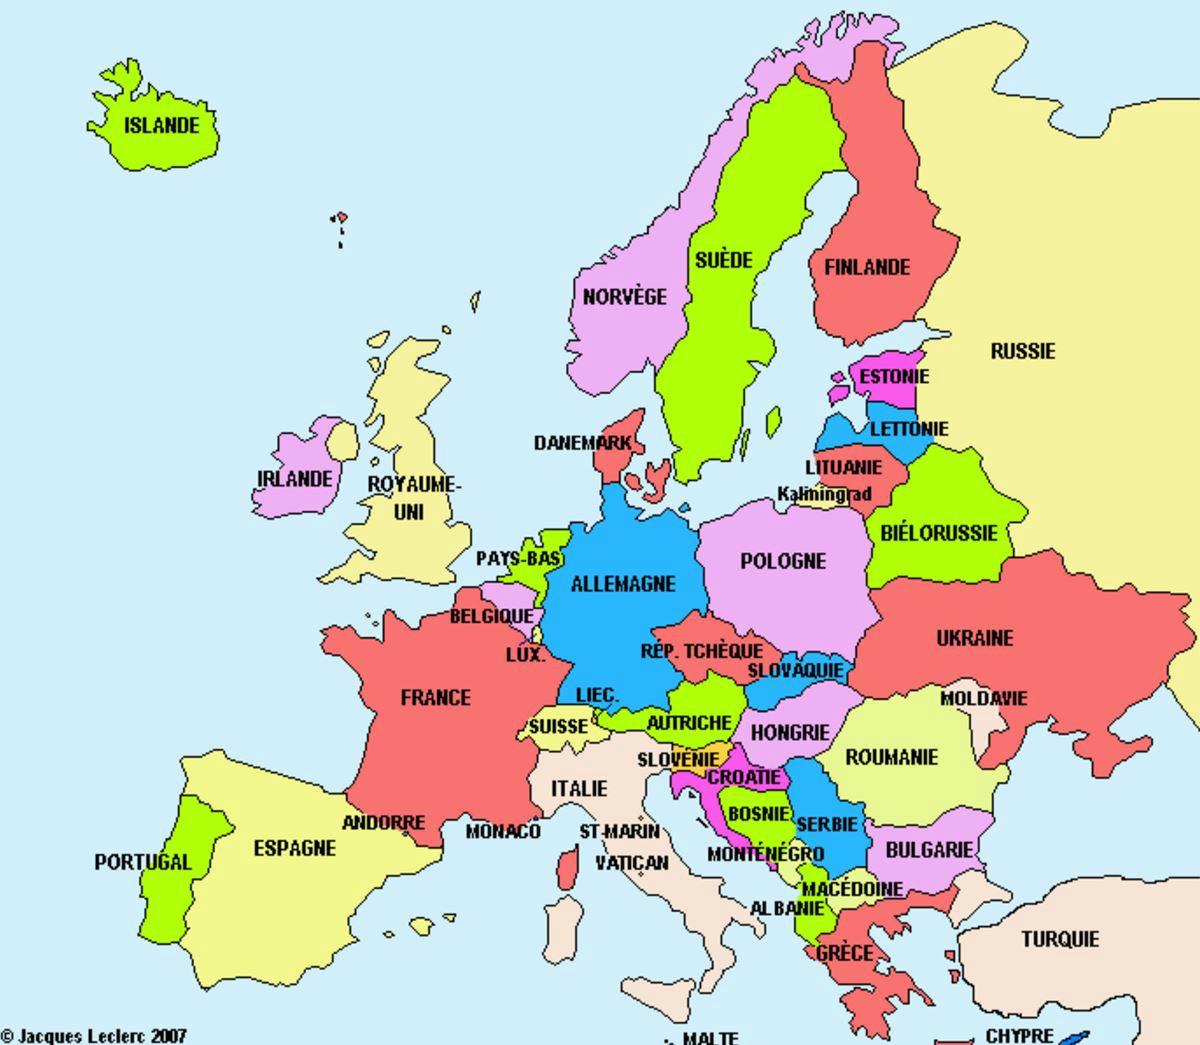 La Carte D'europe Et Ses Pays + Activités - Le Blog Du Cours concernant Carte D Europe Avec Pays